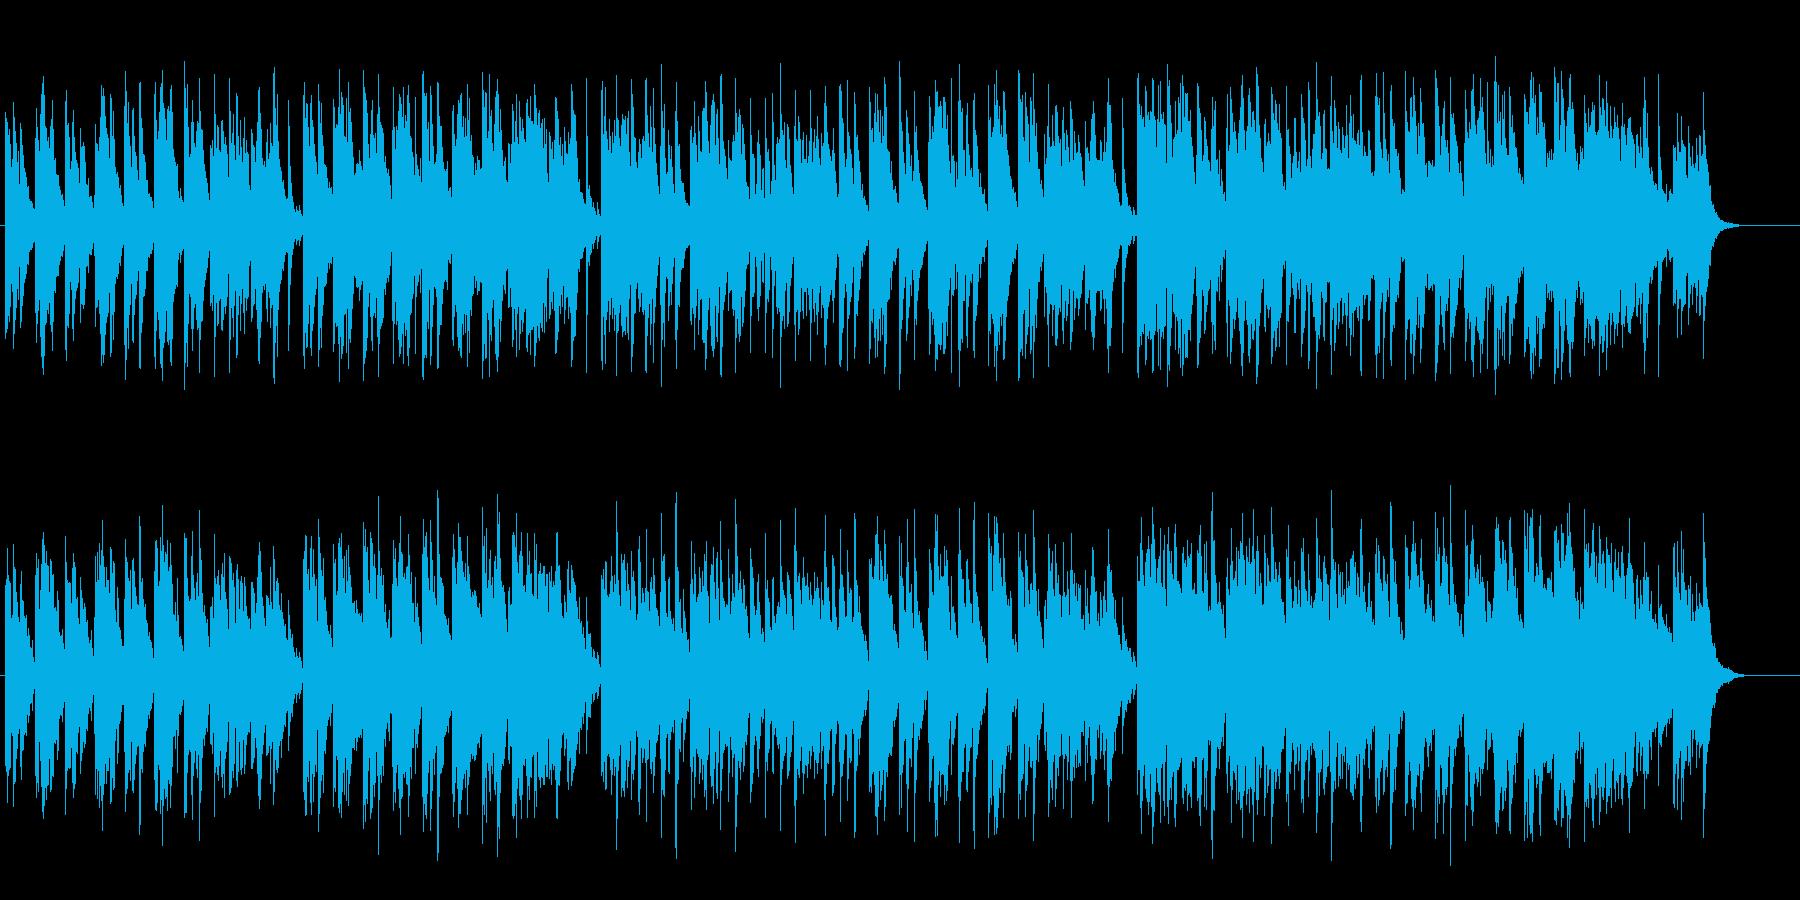 古き良き時代のワールド系アジアンBGMの再生済みの波形